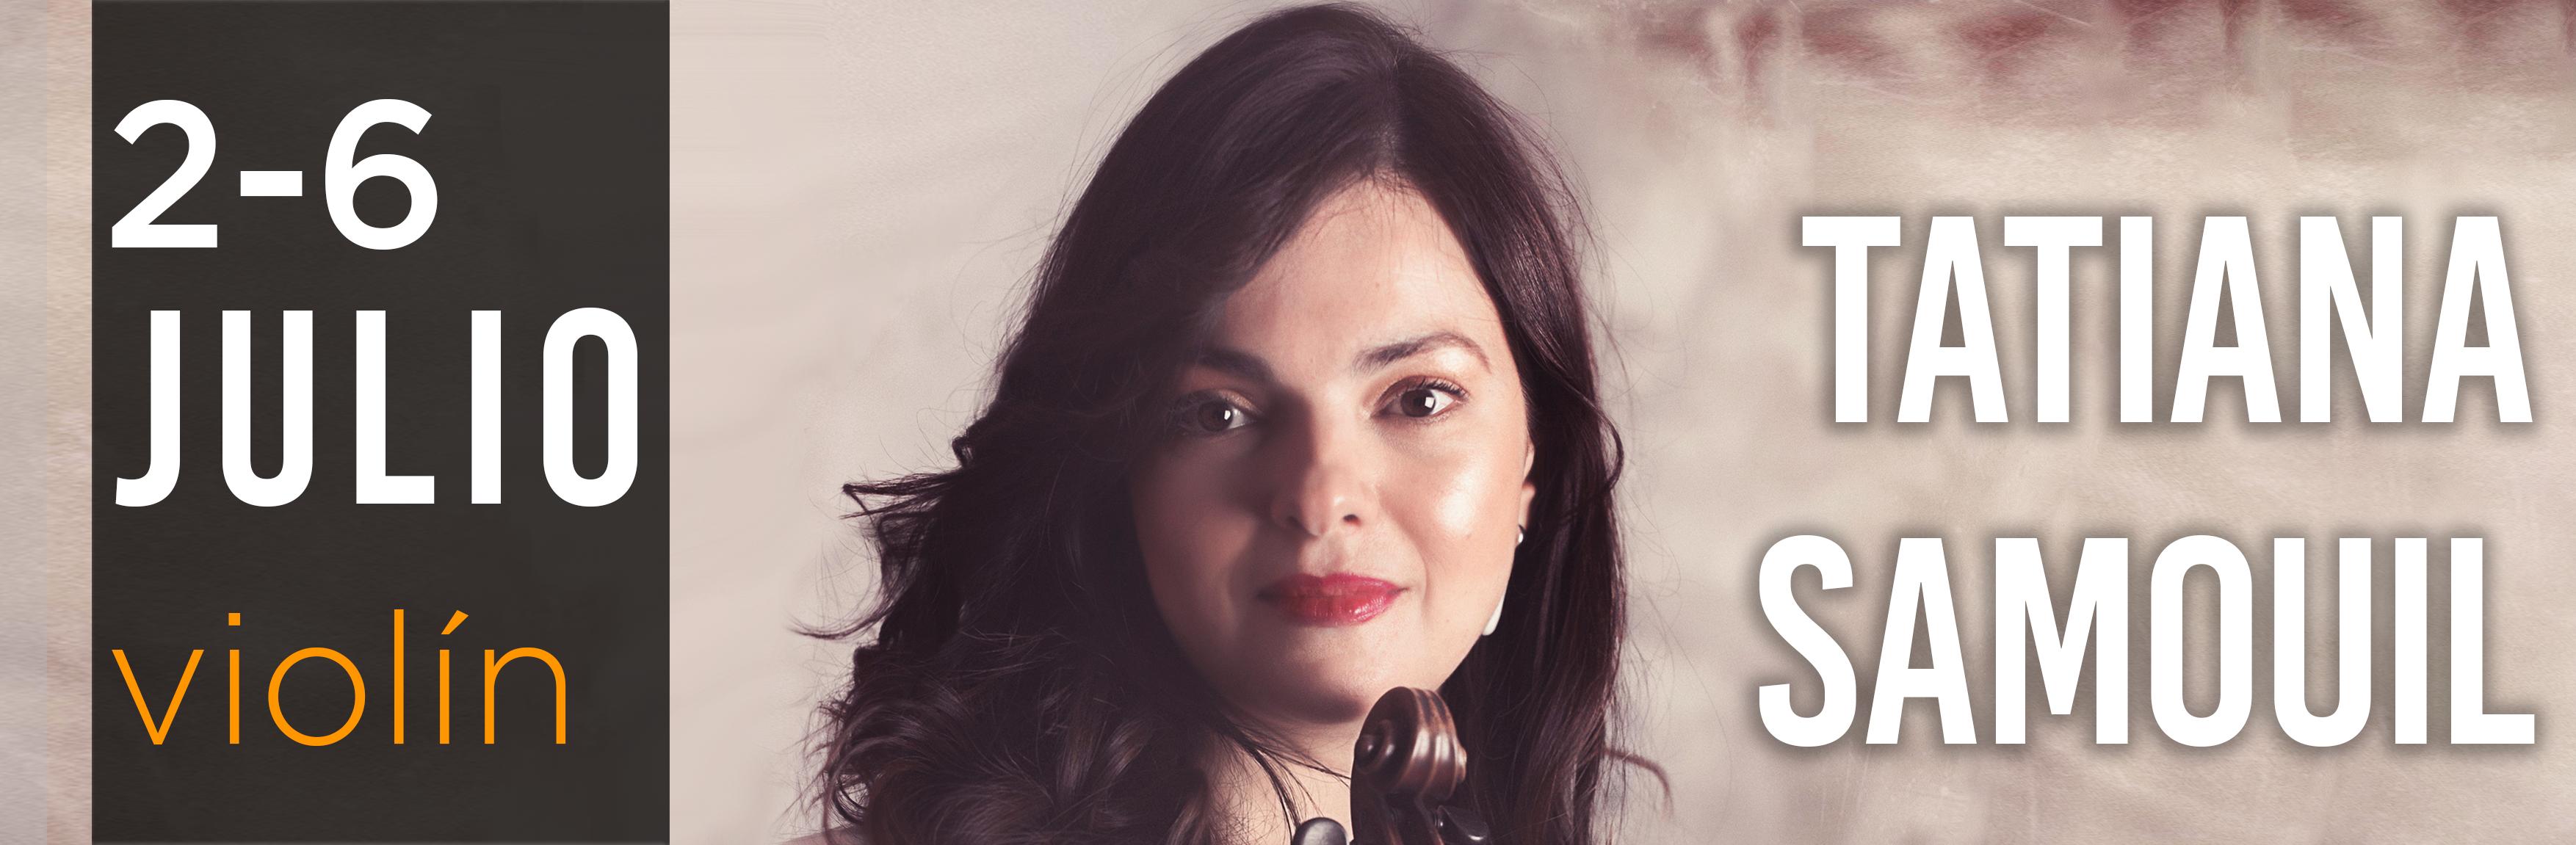 Tatiana Samouil